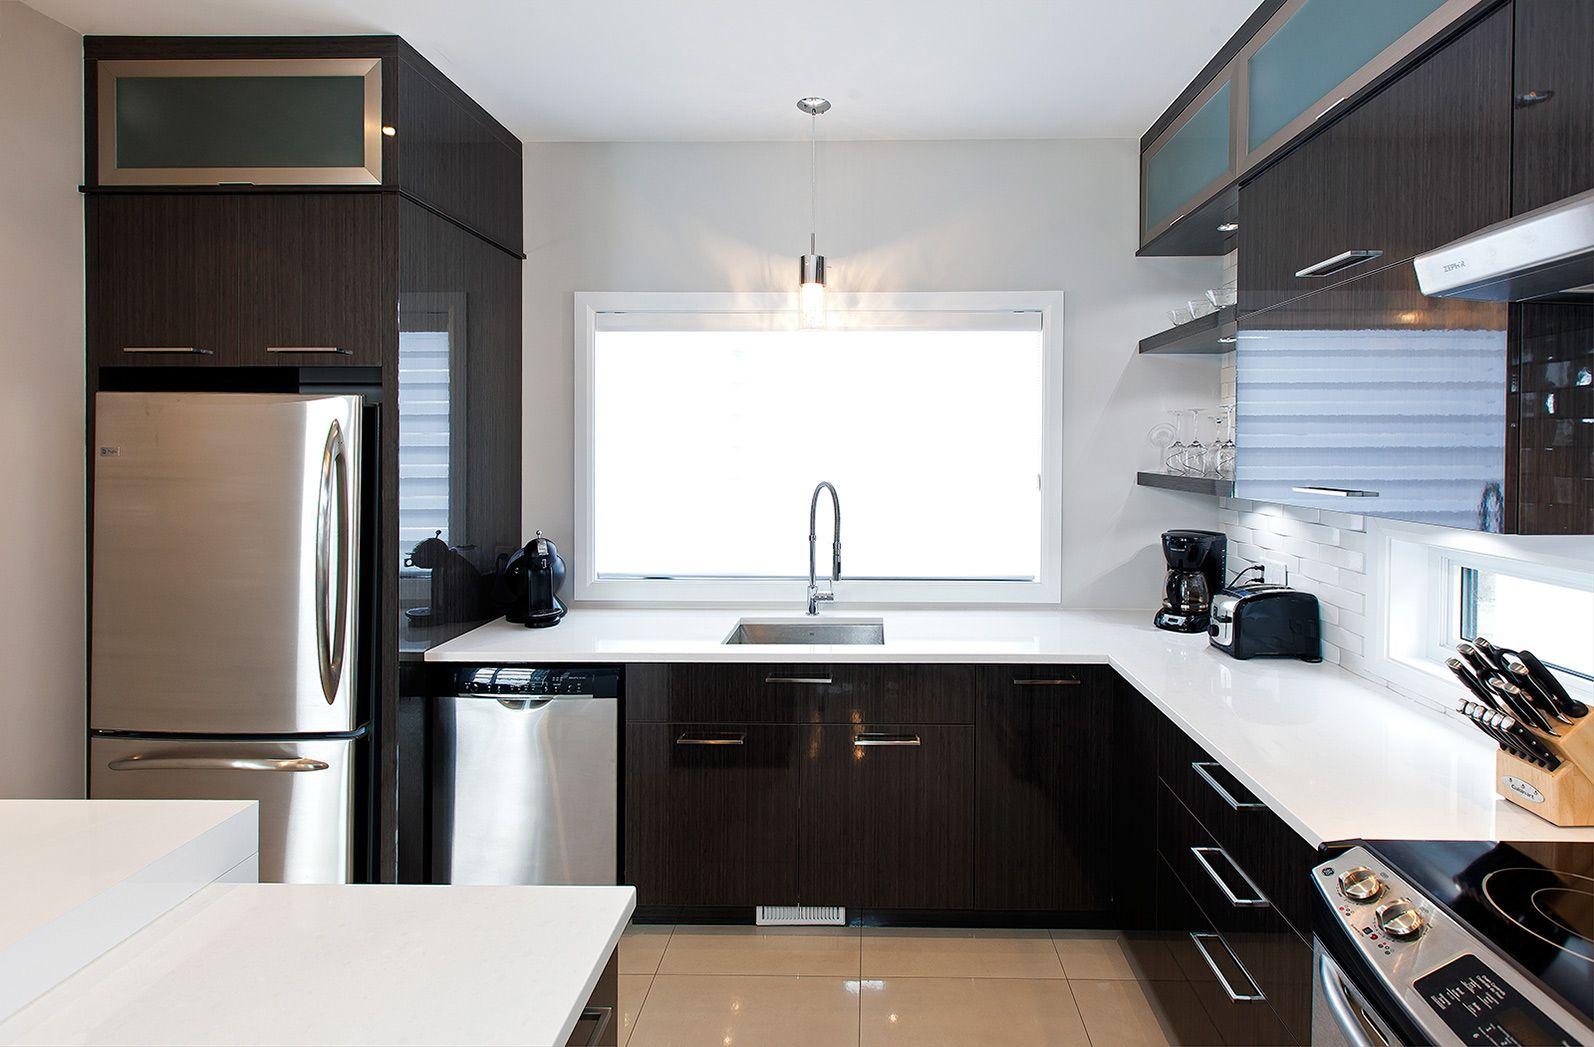 cuisine moderne griffe cuisine. Black Bedroom Furniture Sets. Home Design Ideas